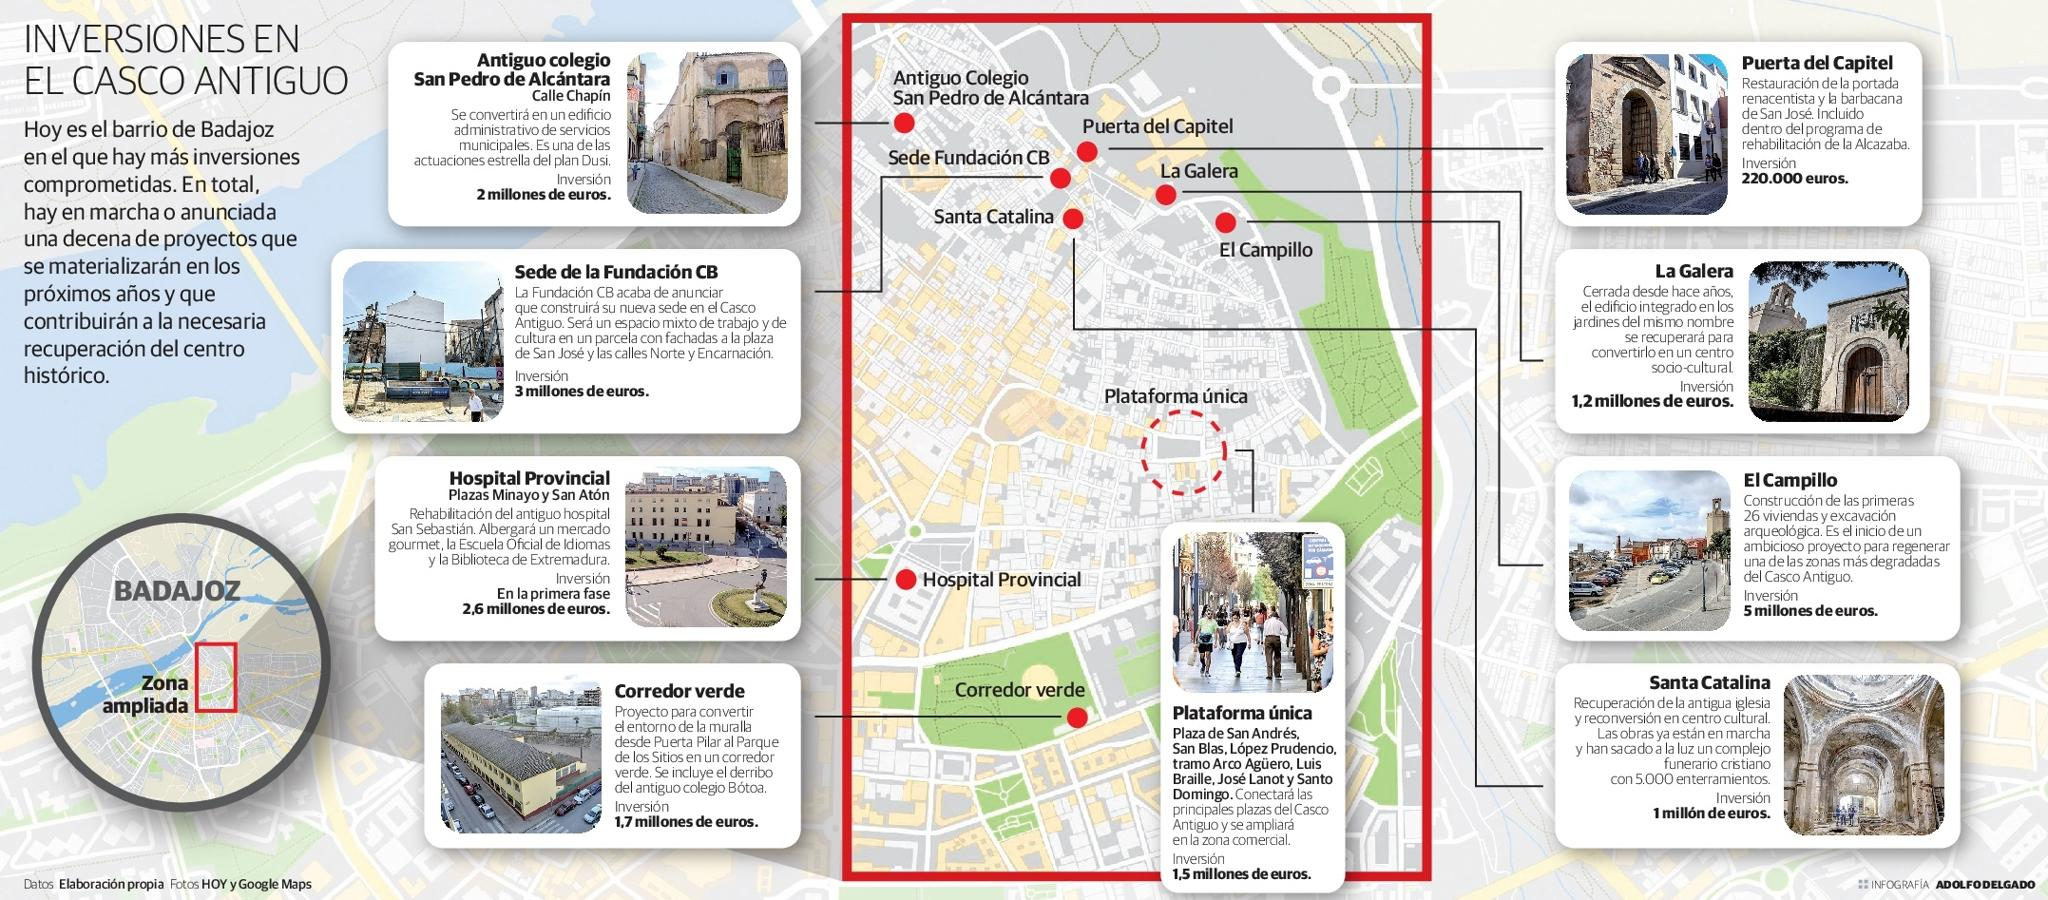 Inversiones en el Casco Antiguo de Badajoz   Hoy